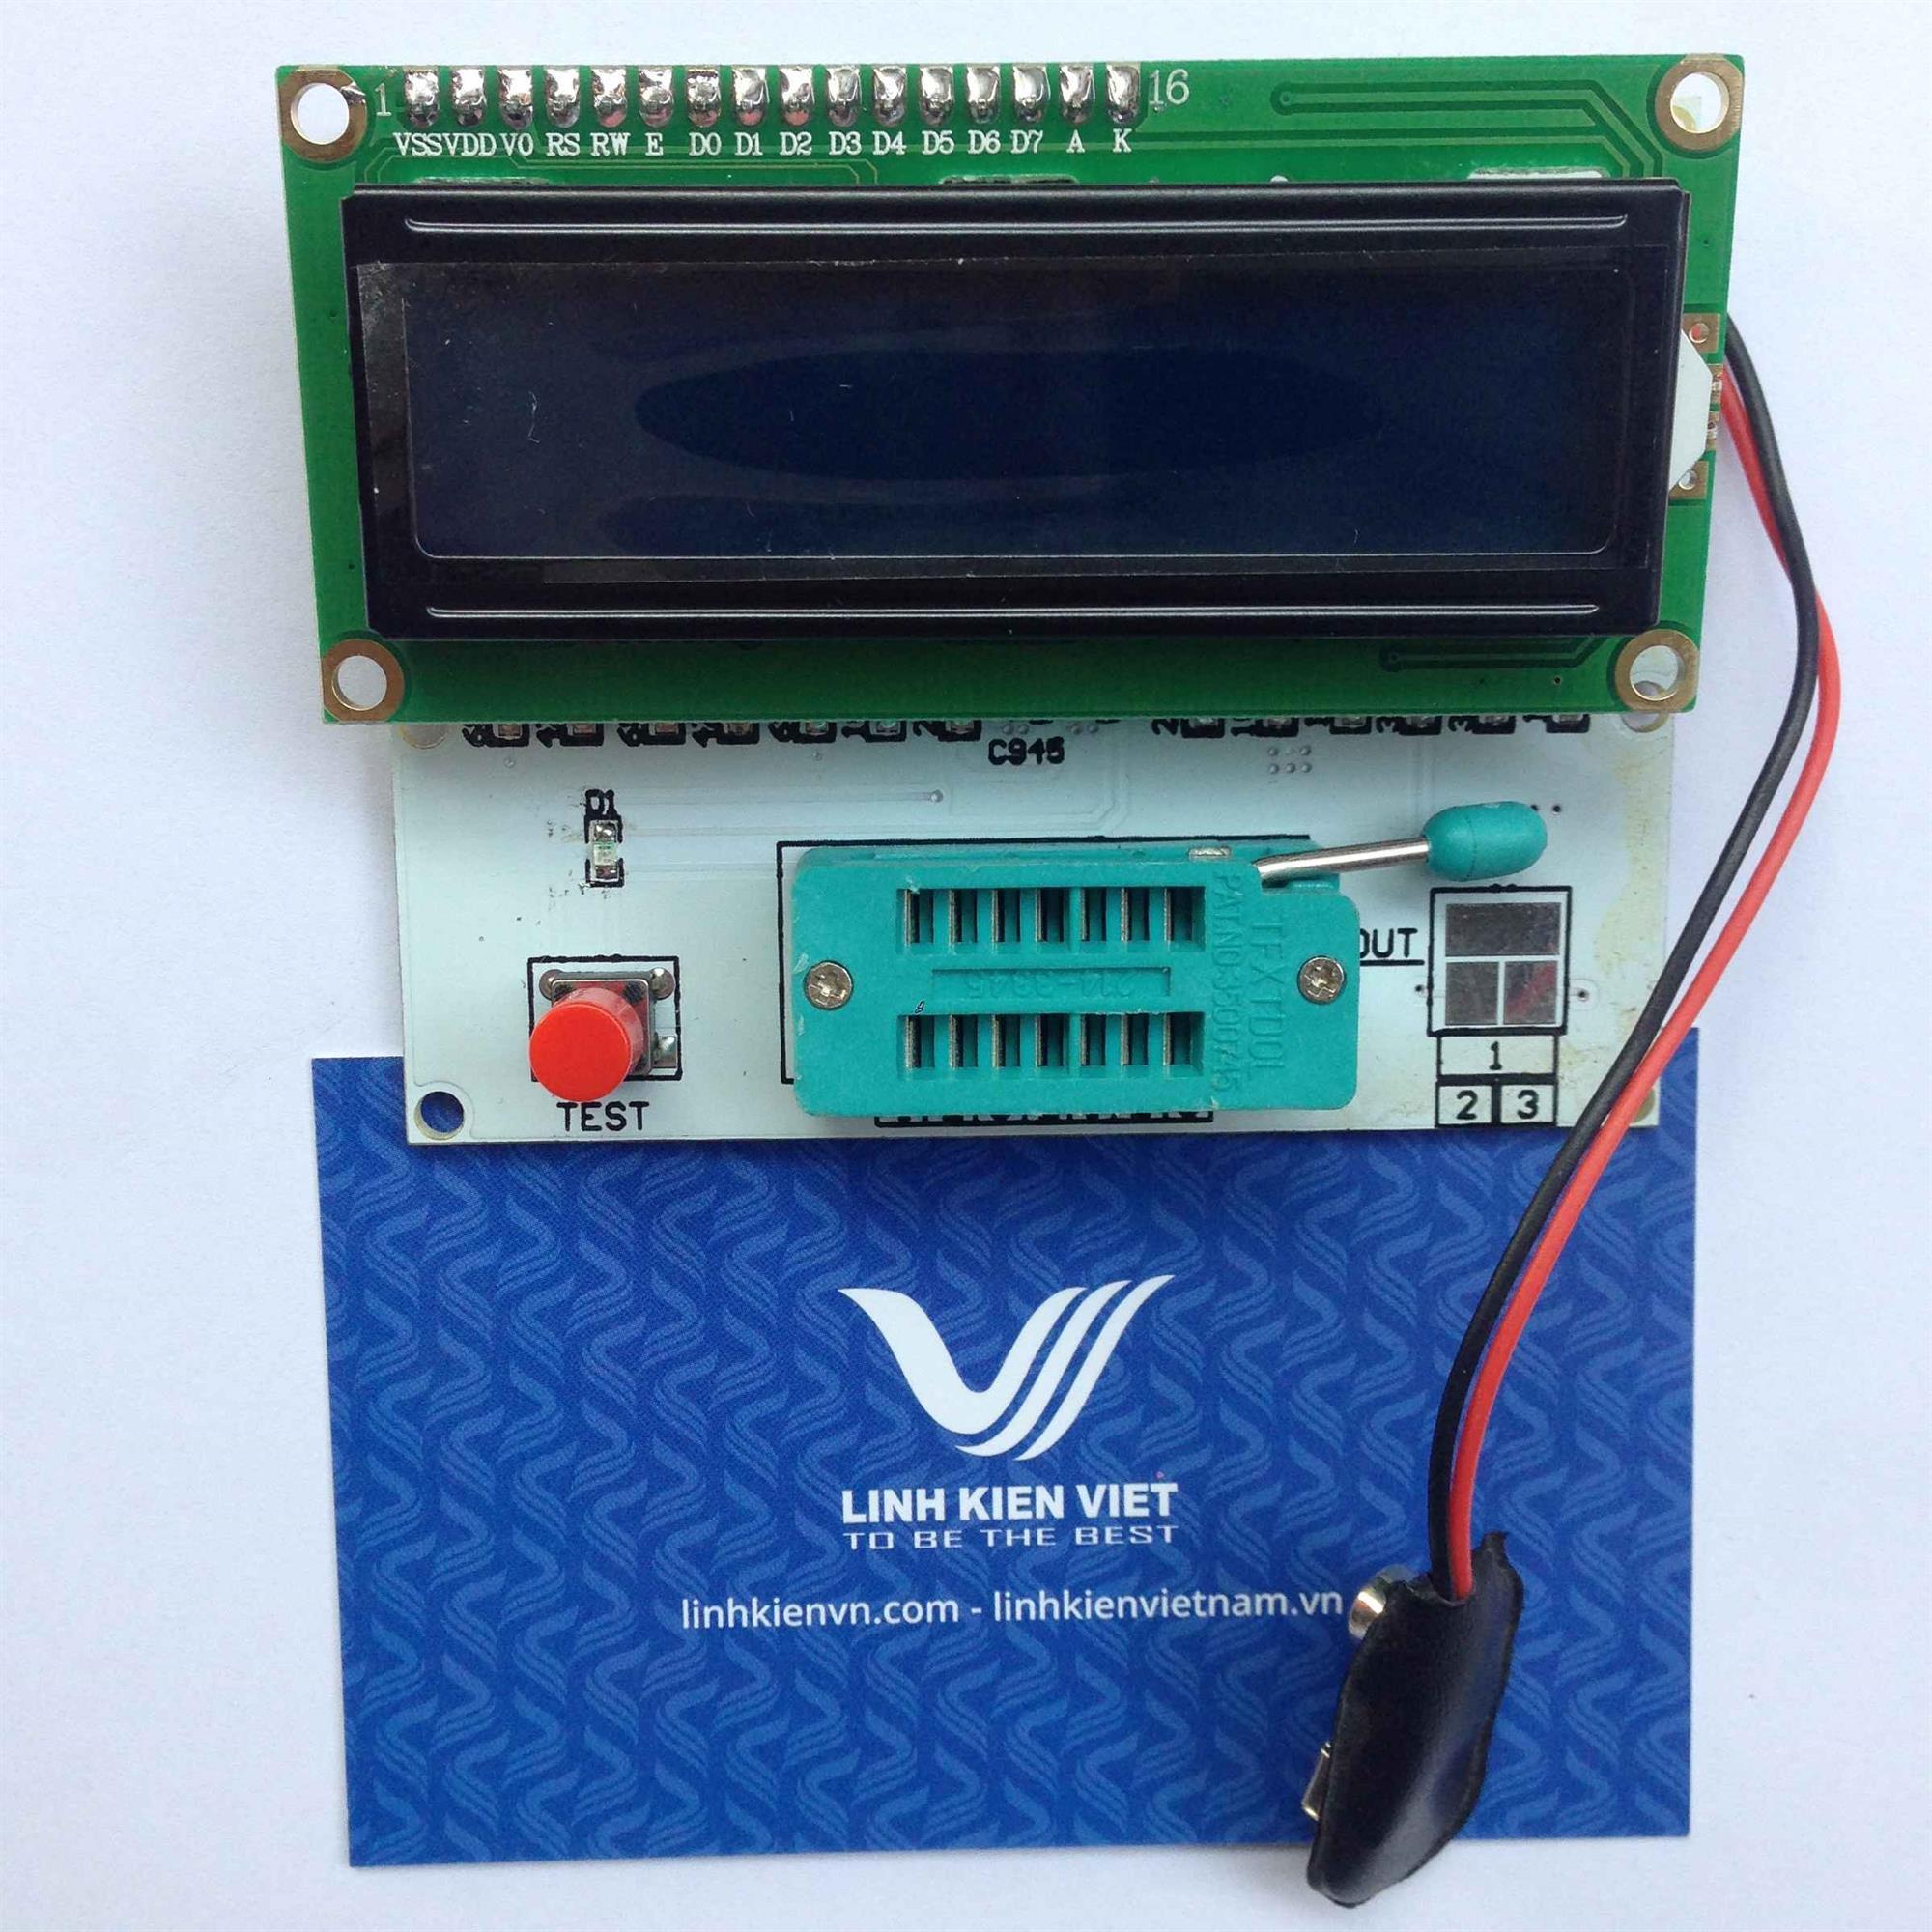 Máy kiểm tra linh kiện đa năng LCD1602 / Module kiểm tra linh kiện RLC / Máy đo linh kiện - I1H17